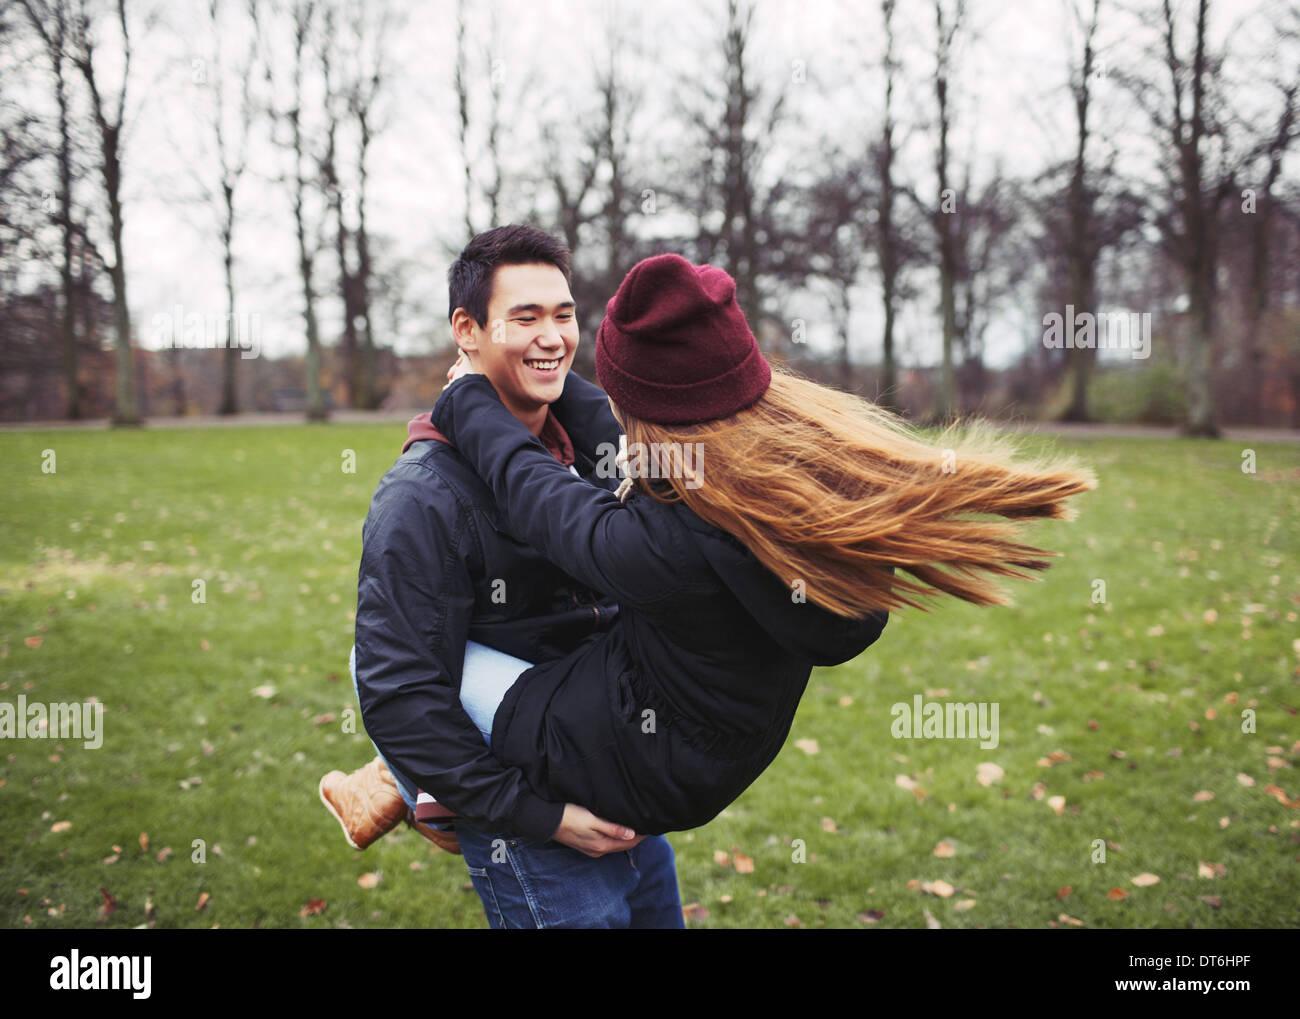 Apuesto joven llevando a su novia en el parque. Pareja joven asiática divirtiéndose al aire libre. Imagen De Stock